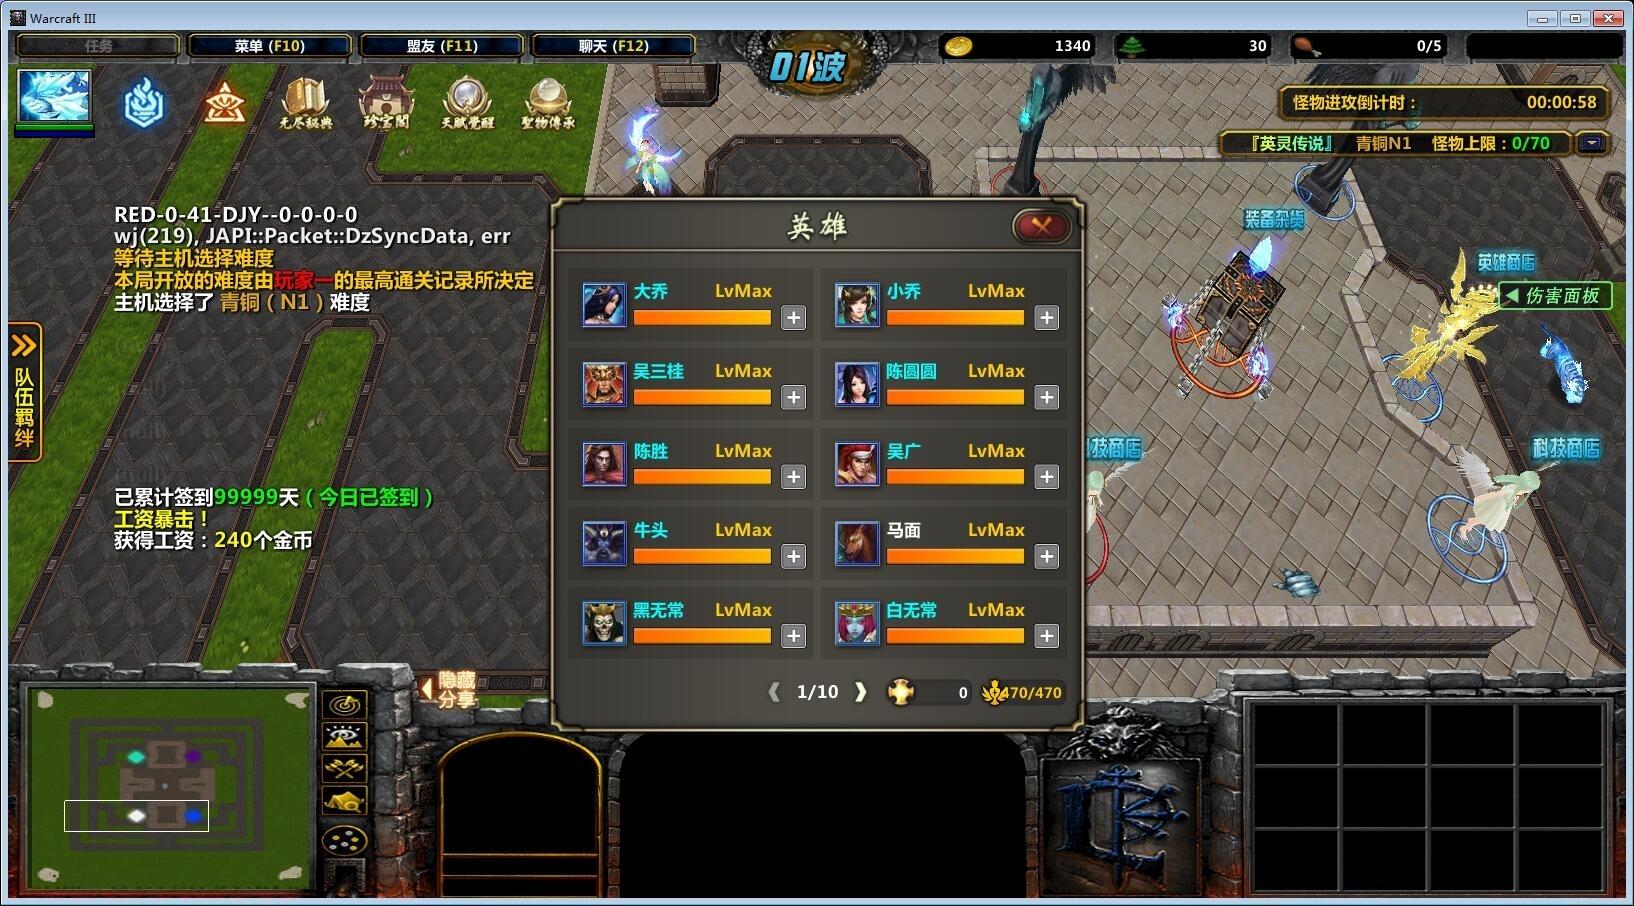 英灵传说2.4.6Mr破解 全商城礼包+英雄熟练等级+全难度选择权+地图等级99+脚本